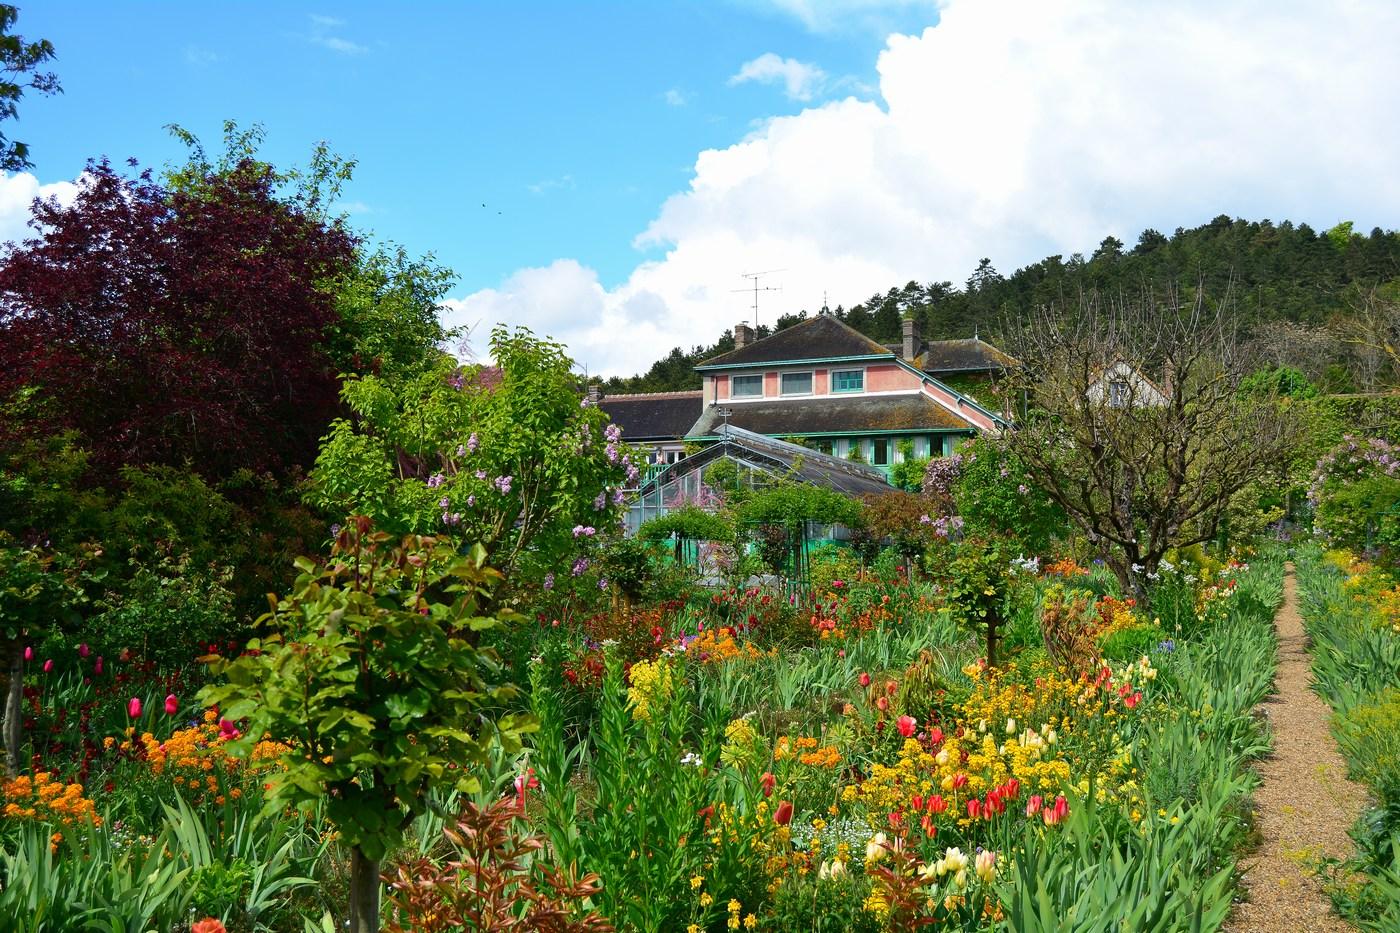 La maison est noyée dans les parterres de fleurs.